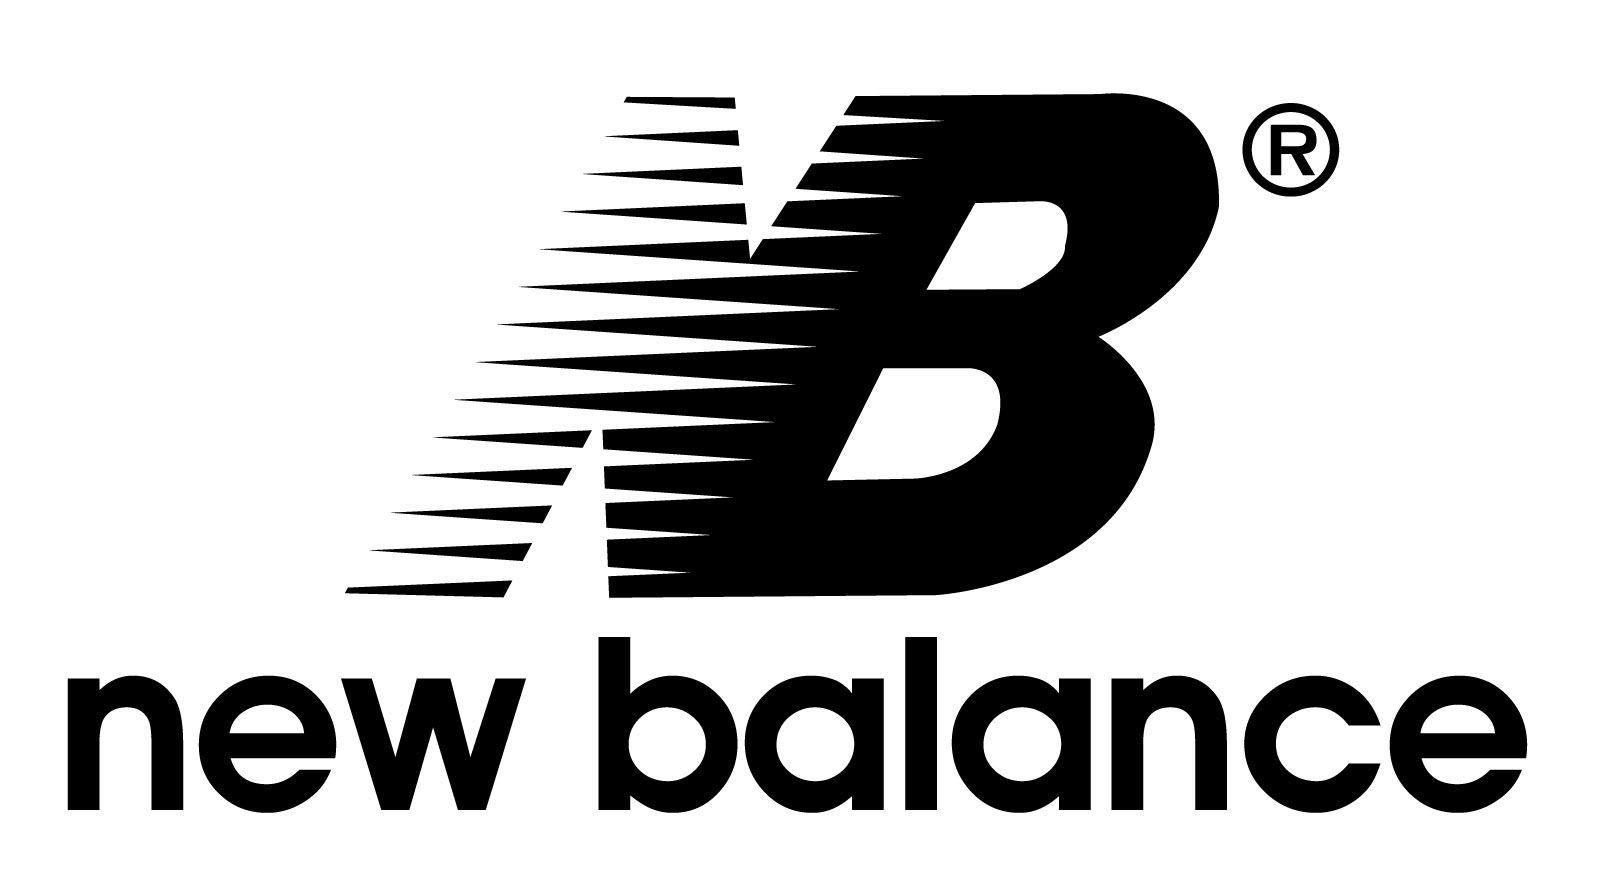 Afbeeldingsresultaat voor new balance logo